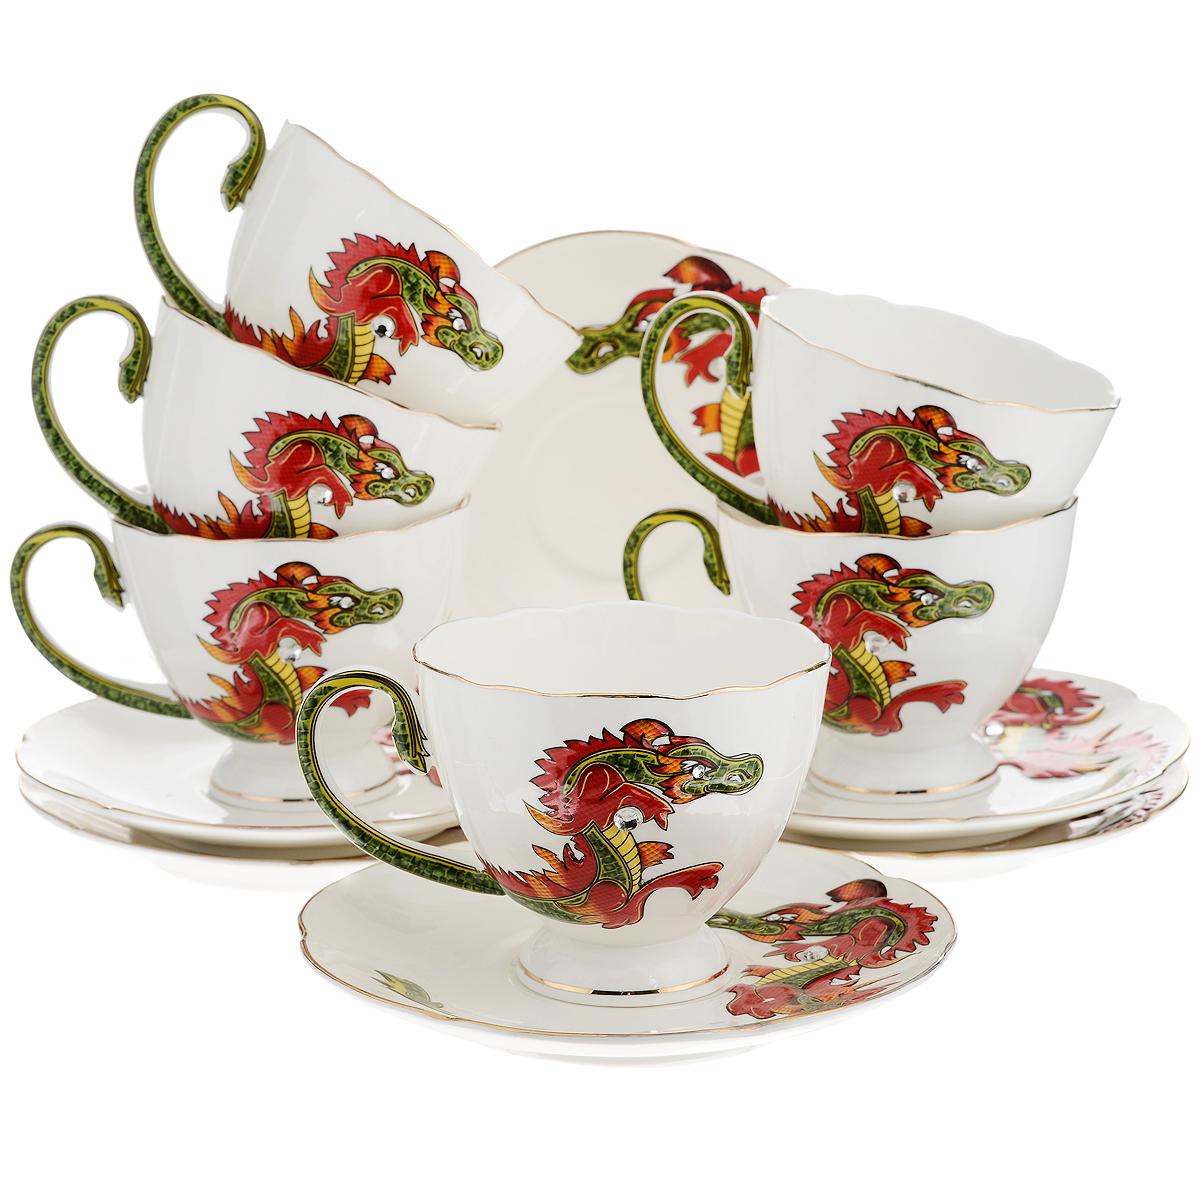 """Чайный набор Briswild """"Яркий дракон"""", выполненный из высококачественного фарфора, состоит из 6 чашек и 6  блюдец. Изделия оформлены золотой каемкой и изображением дракона со стразами. Элегантный дизайн и  совершенные формы предметов набора привлекут к себе внимание и украсят интерьер вашей кухни.  Чайный набор Briswild """"Яркий дракон"""" идеально подойдет для сервировки стола и станет отличным подарком к  любому празднику. Чайный набор упакован в подарочную коробку.  Не использовать в микроволновой печи.  Не применять абразивные чистящие вещества."""